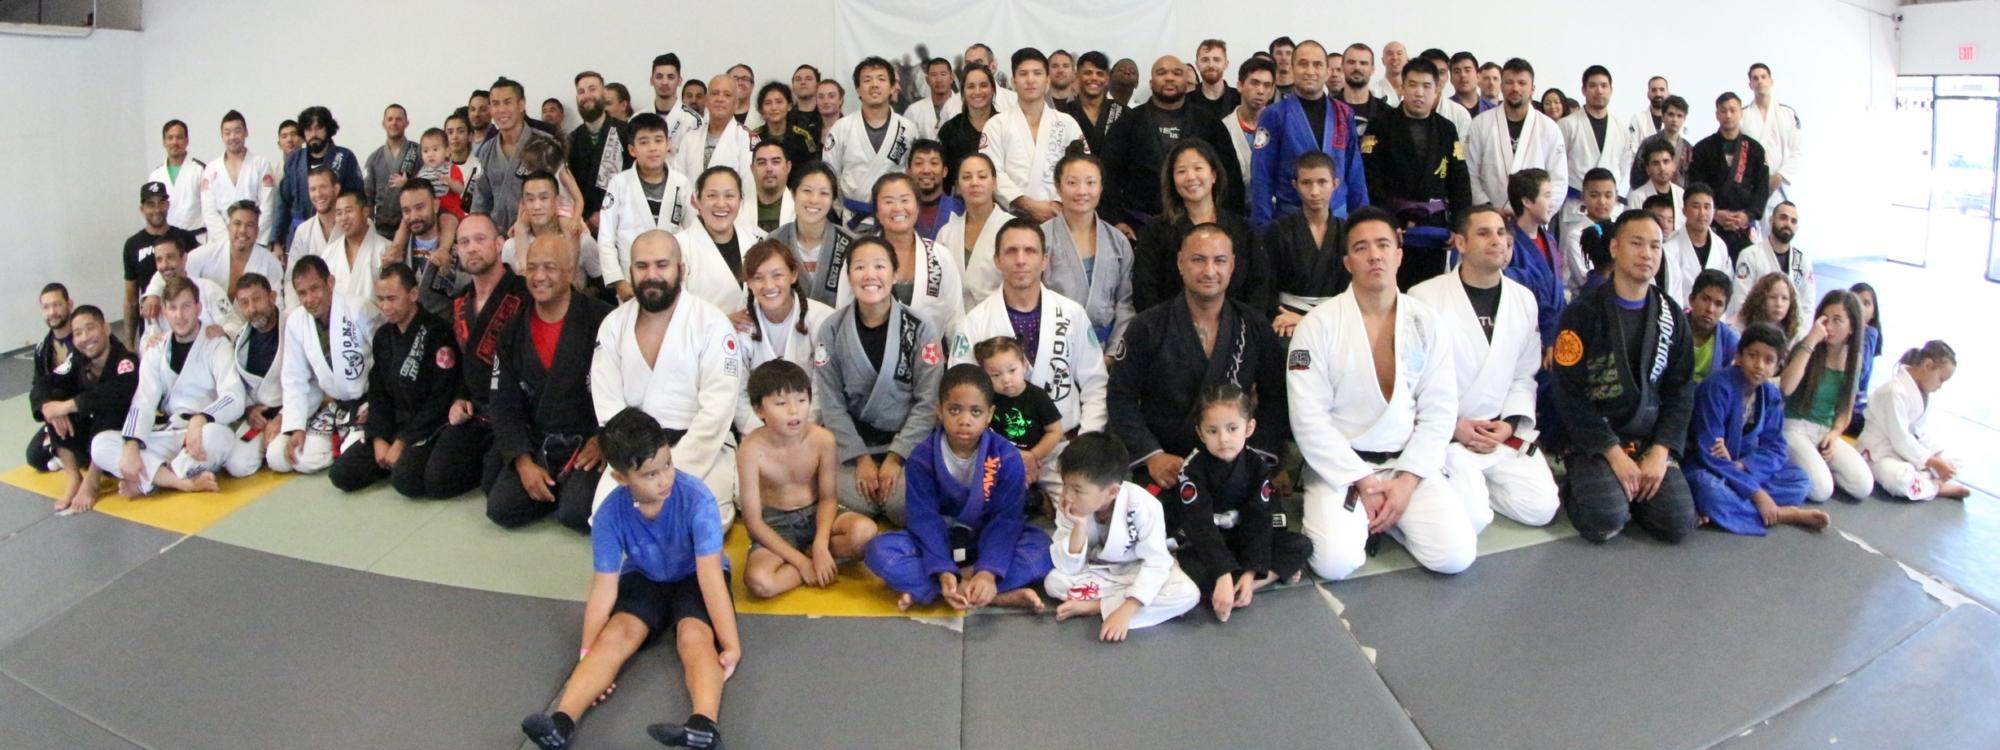 One World Brazilian Jiu Jitsu 2019 Group Shot